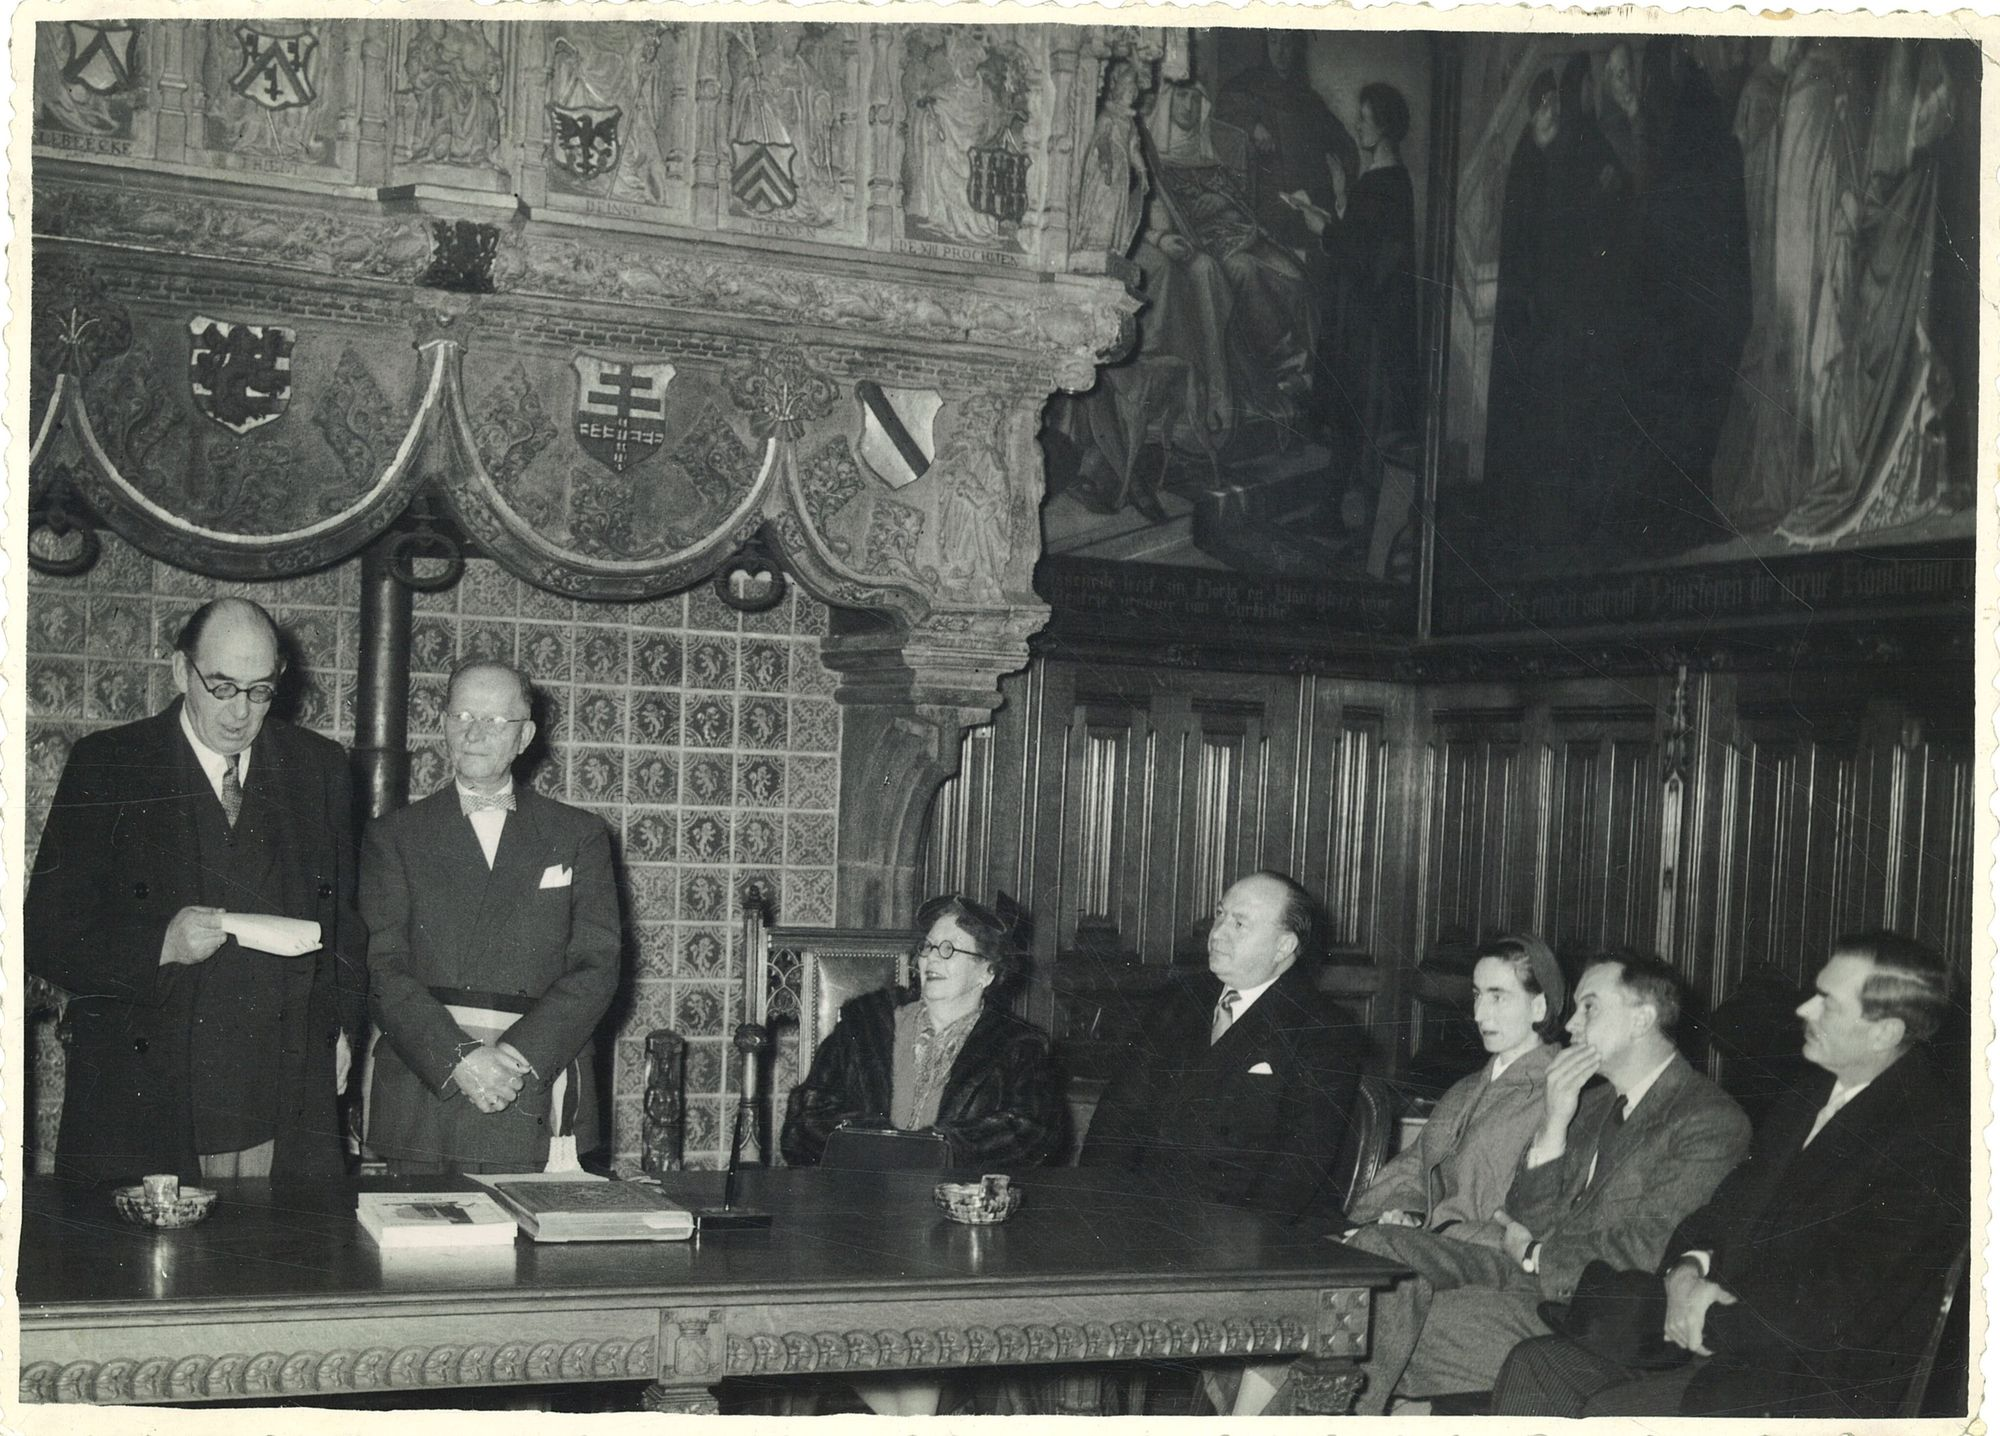 Plechtigheid in historische schepenzaal